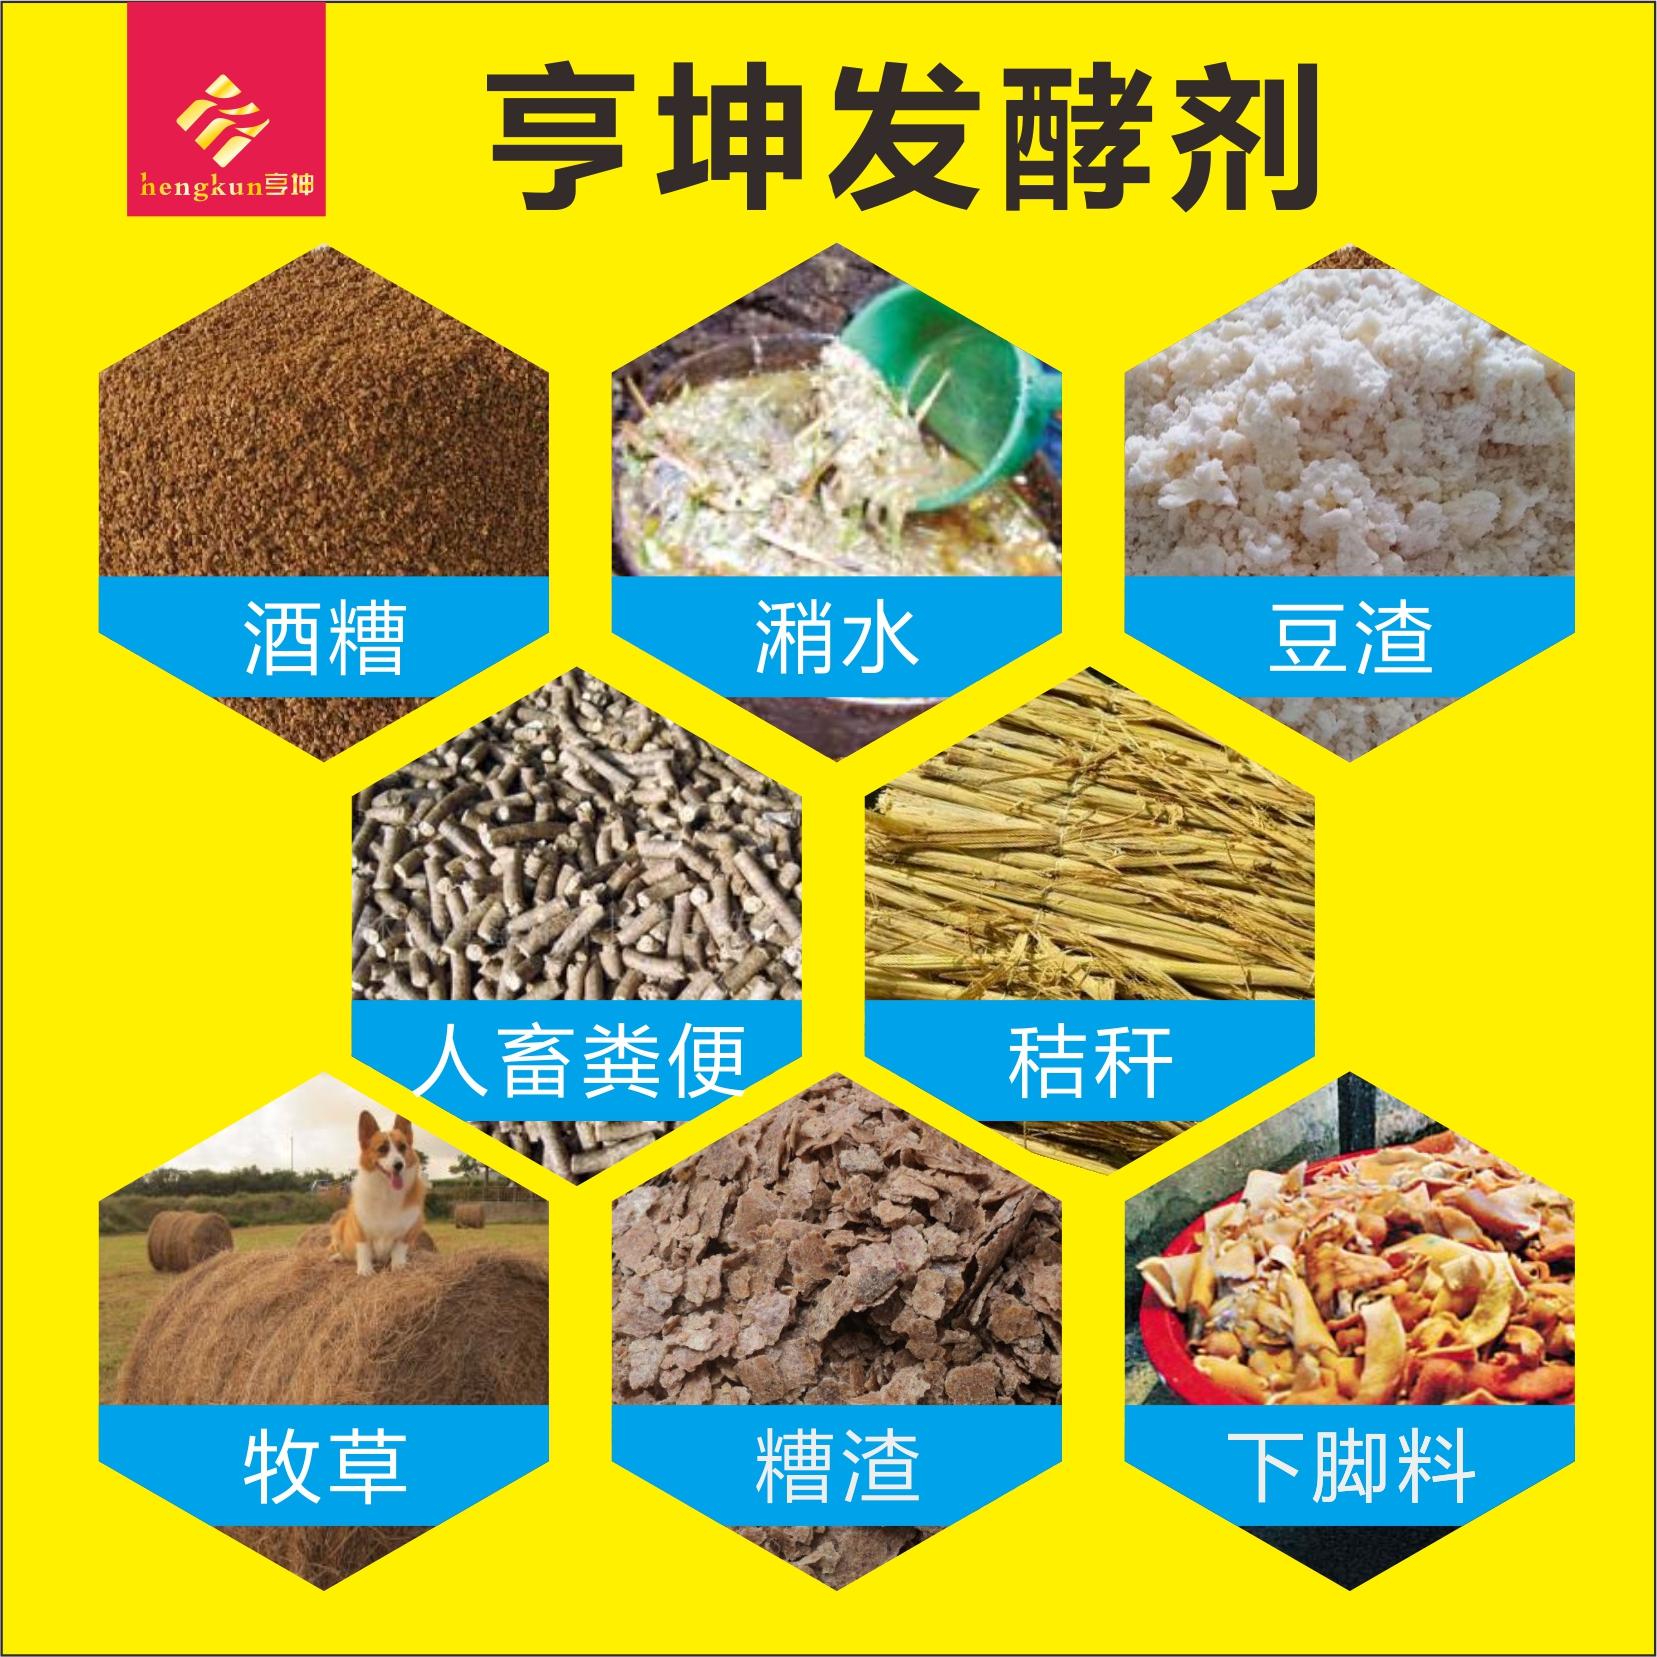 通用EM菌种发酵剂牛粪猪粪粪便鸡粪秸秆堆肥肥料青储饲料有机肥